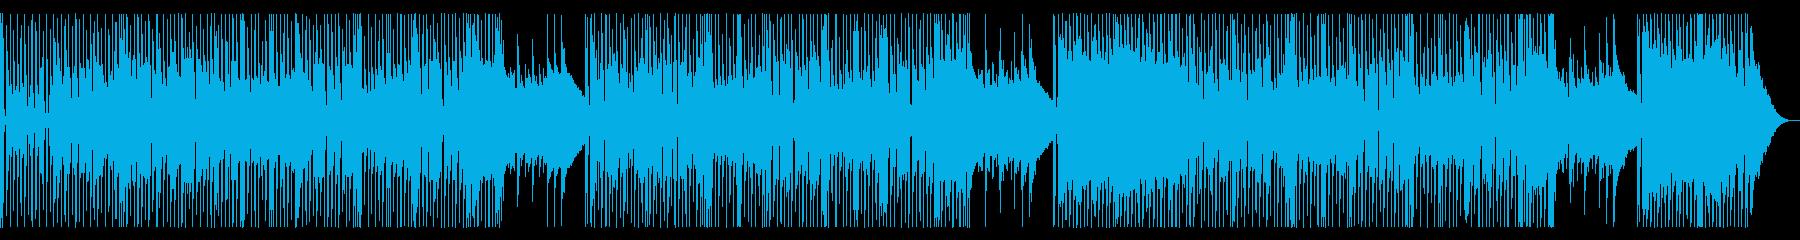 70年代風ギターハードロックの再生済みの波形